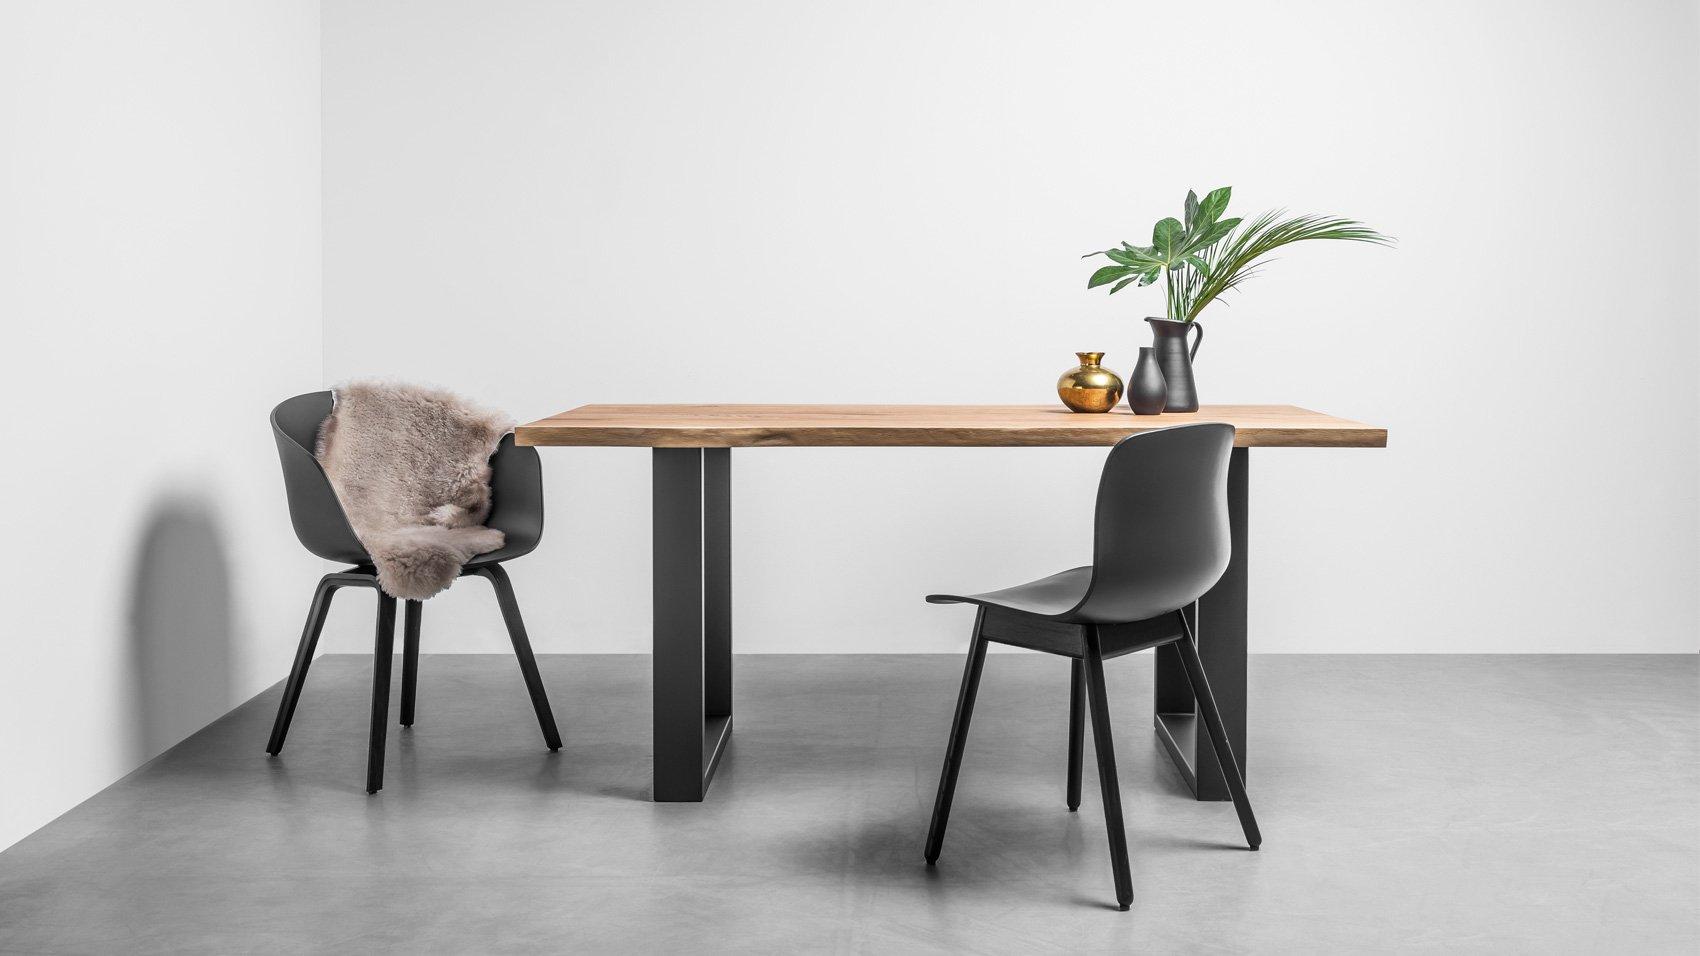 Dębowy stół na zamówienie do jadalni z litego drewna dębowego z naturalnymi krawędziami. Stół Pablo od Hoom